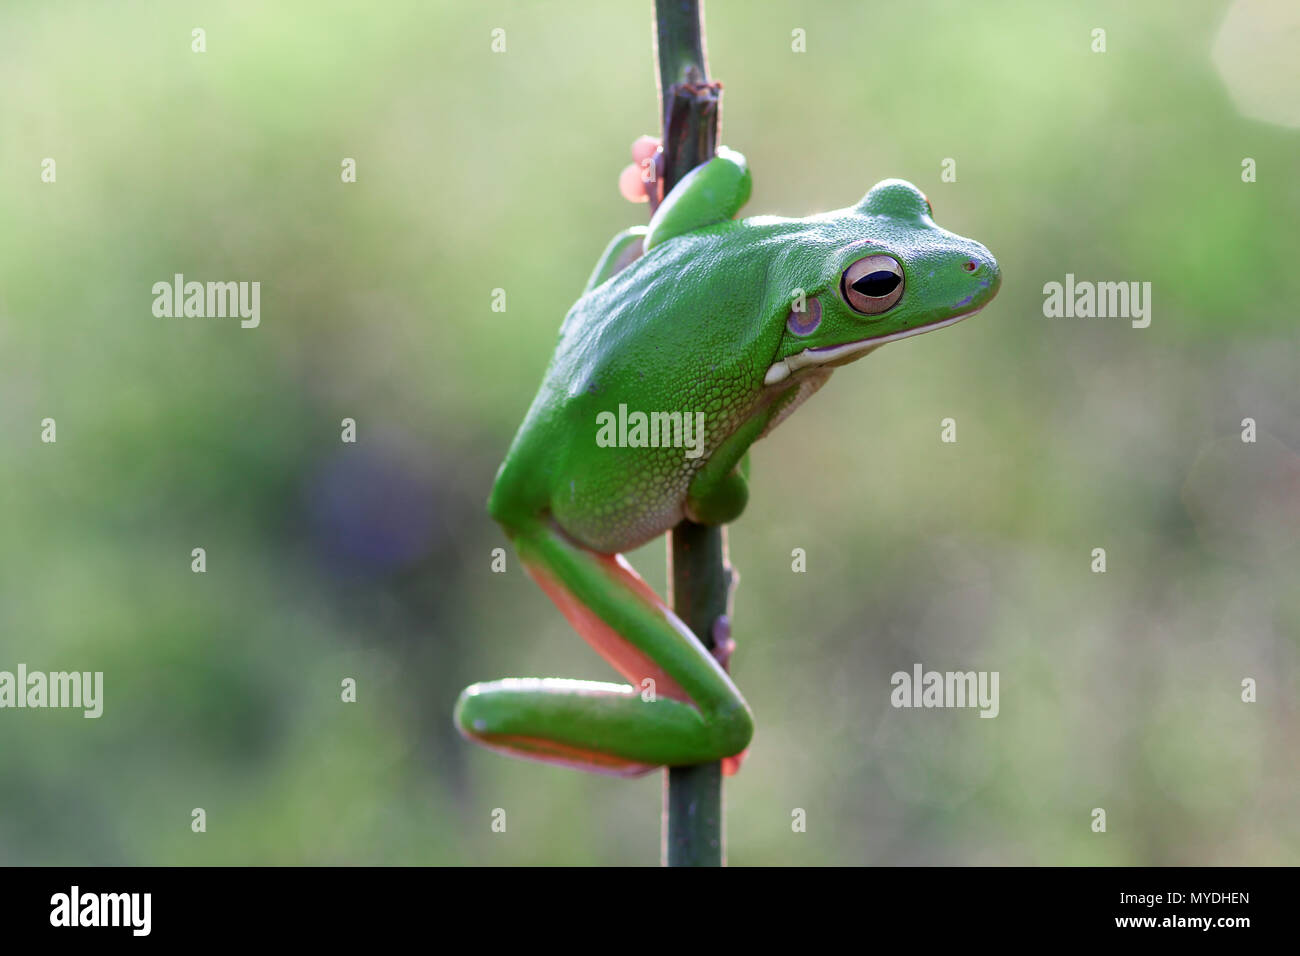 frogs, tree frogs, dumpy tree frogs on twigs - Stock Image